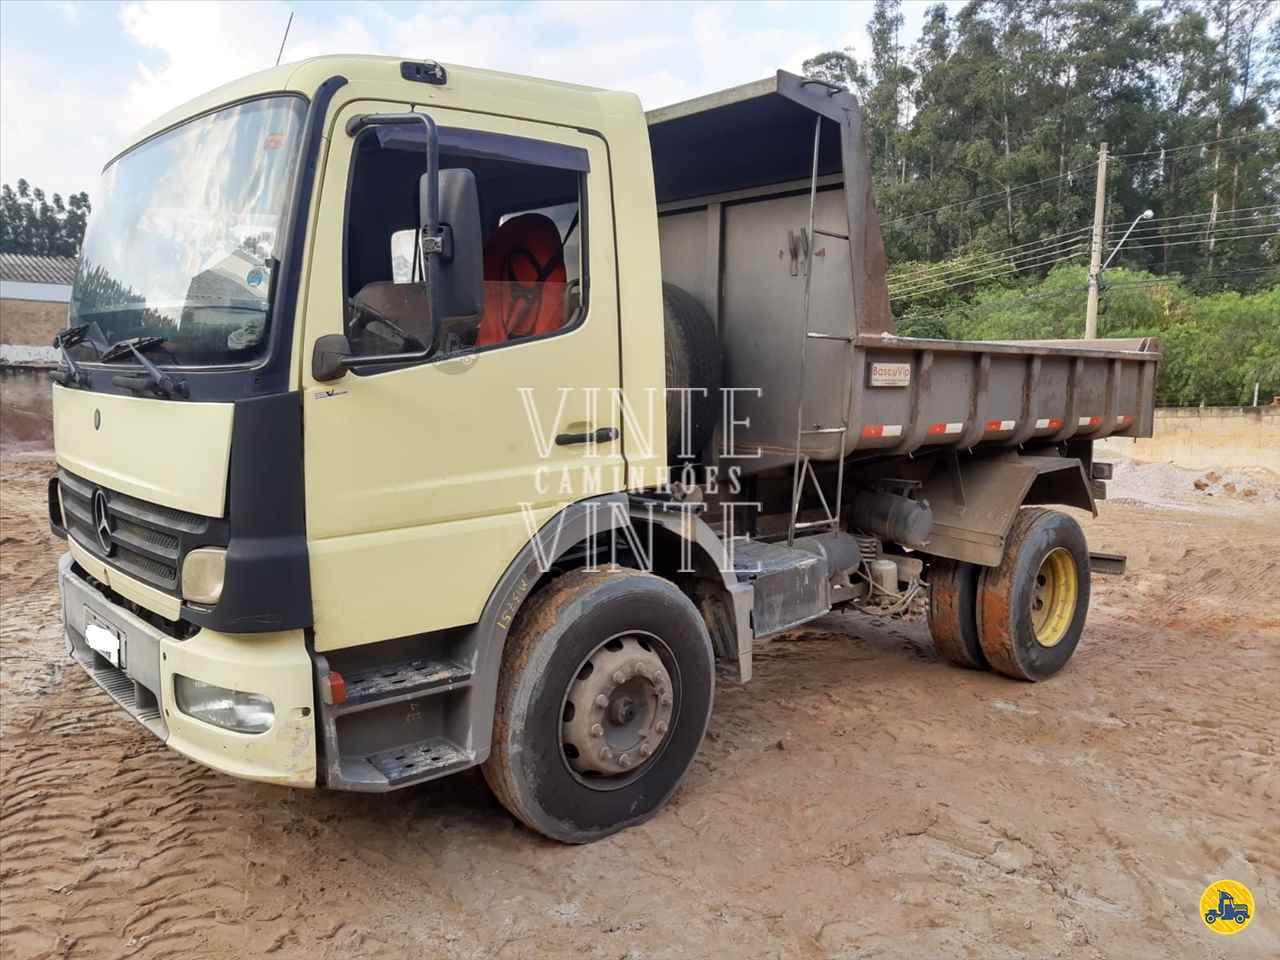 CAMINHAO MERCEDES-BENZ MB 1418 Caçamba Basculante Toco 4x2 Vinte-Vinte Caminhões SANTO ANDRE SÃO PAULO SP